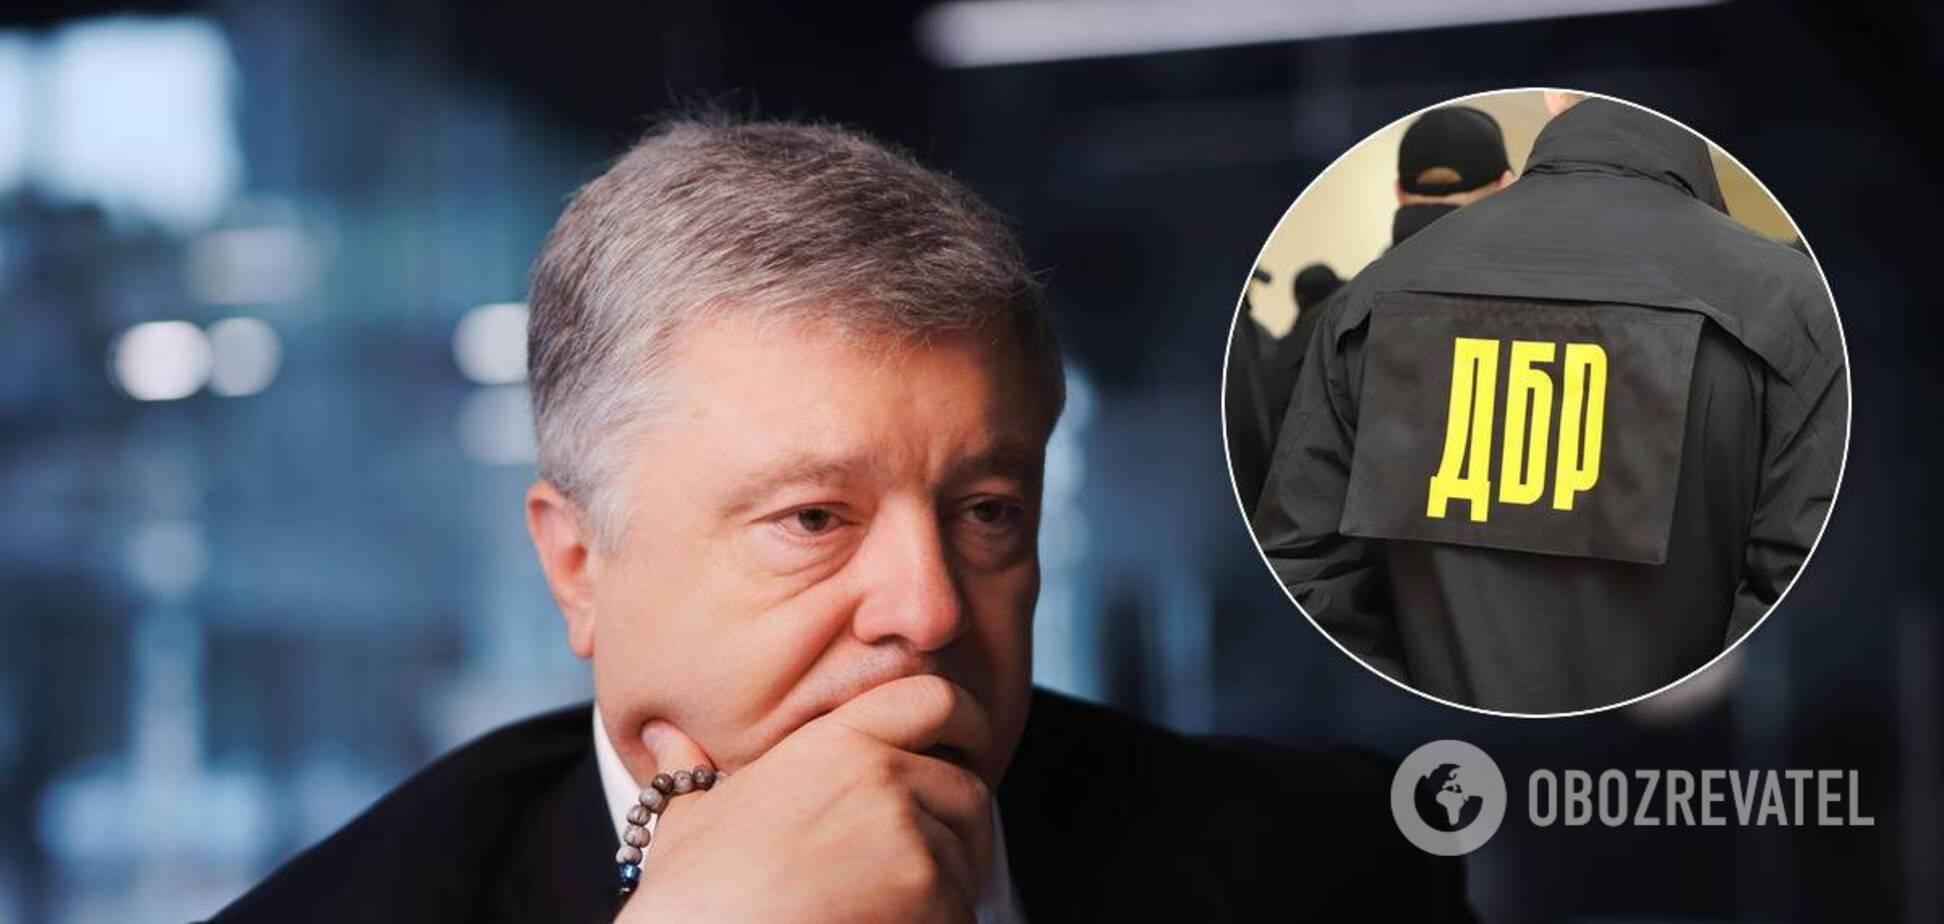 Корецкий о ГБР: они превращаются в 'бюро заказов' против Порошенко, его хотят посадить